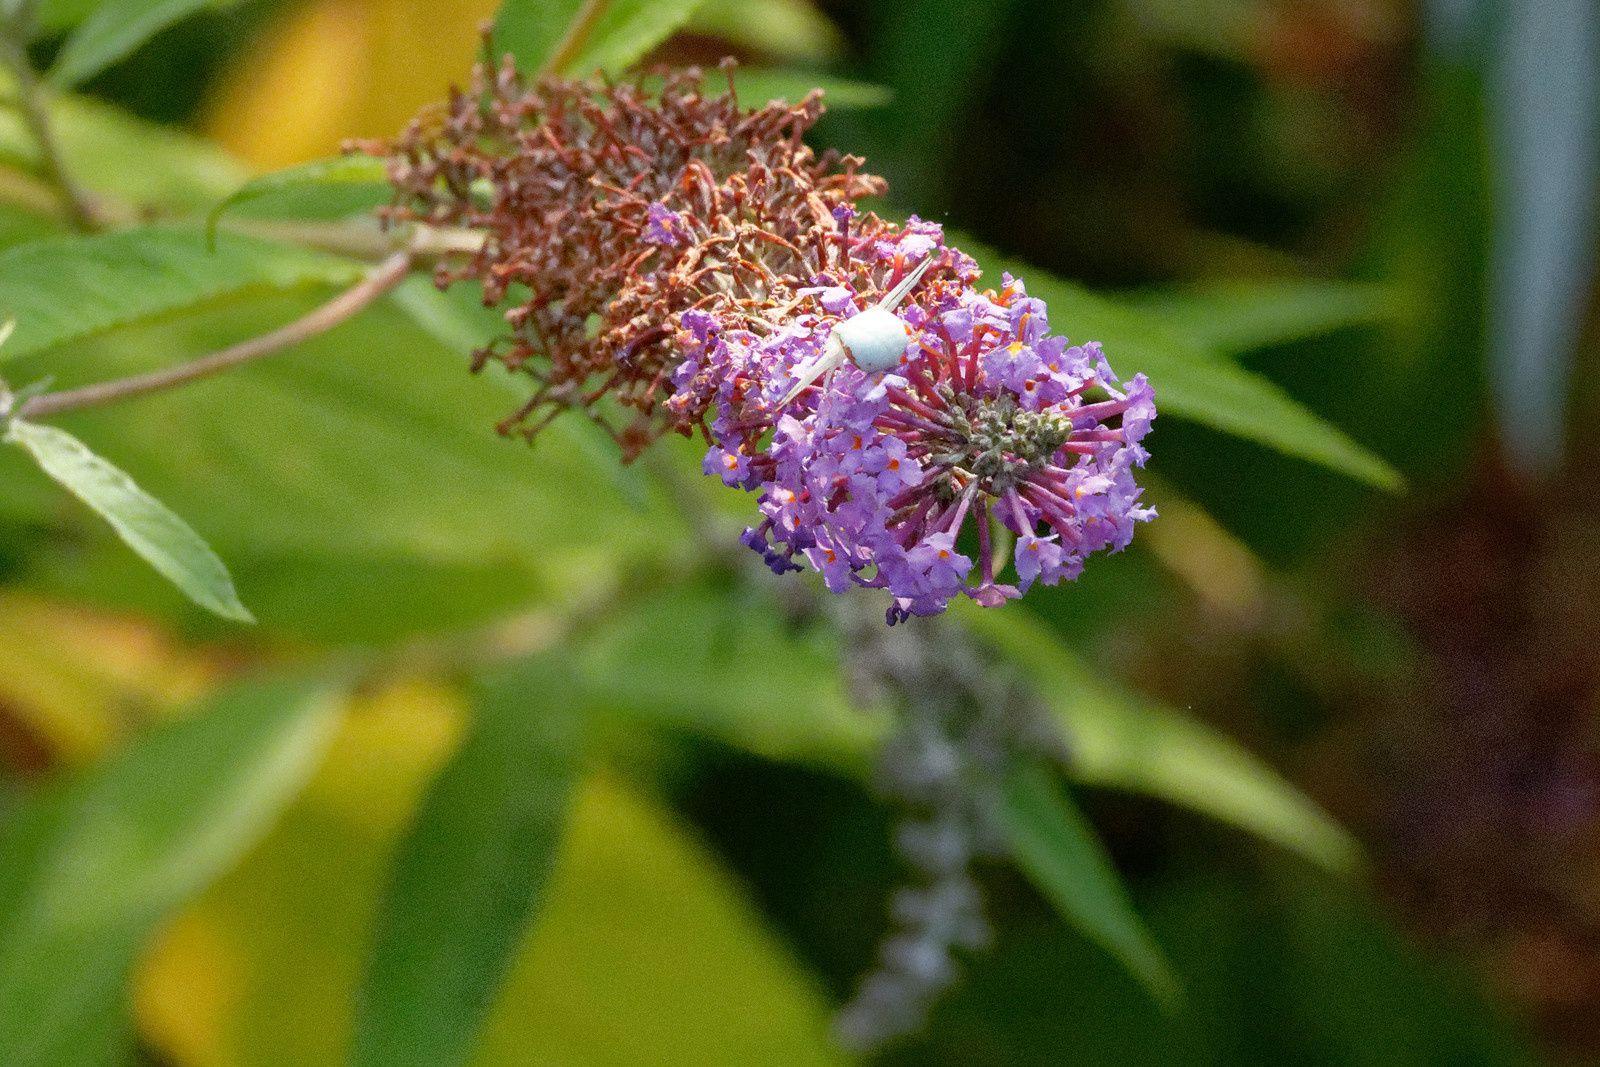 400 - Si je collecte le nectar et le pollen qu'est-ce-que j'aurai en retour ? : 21/07/2018